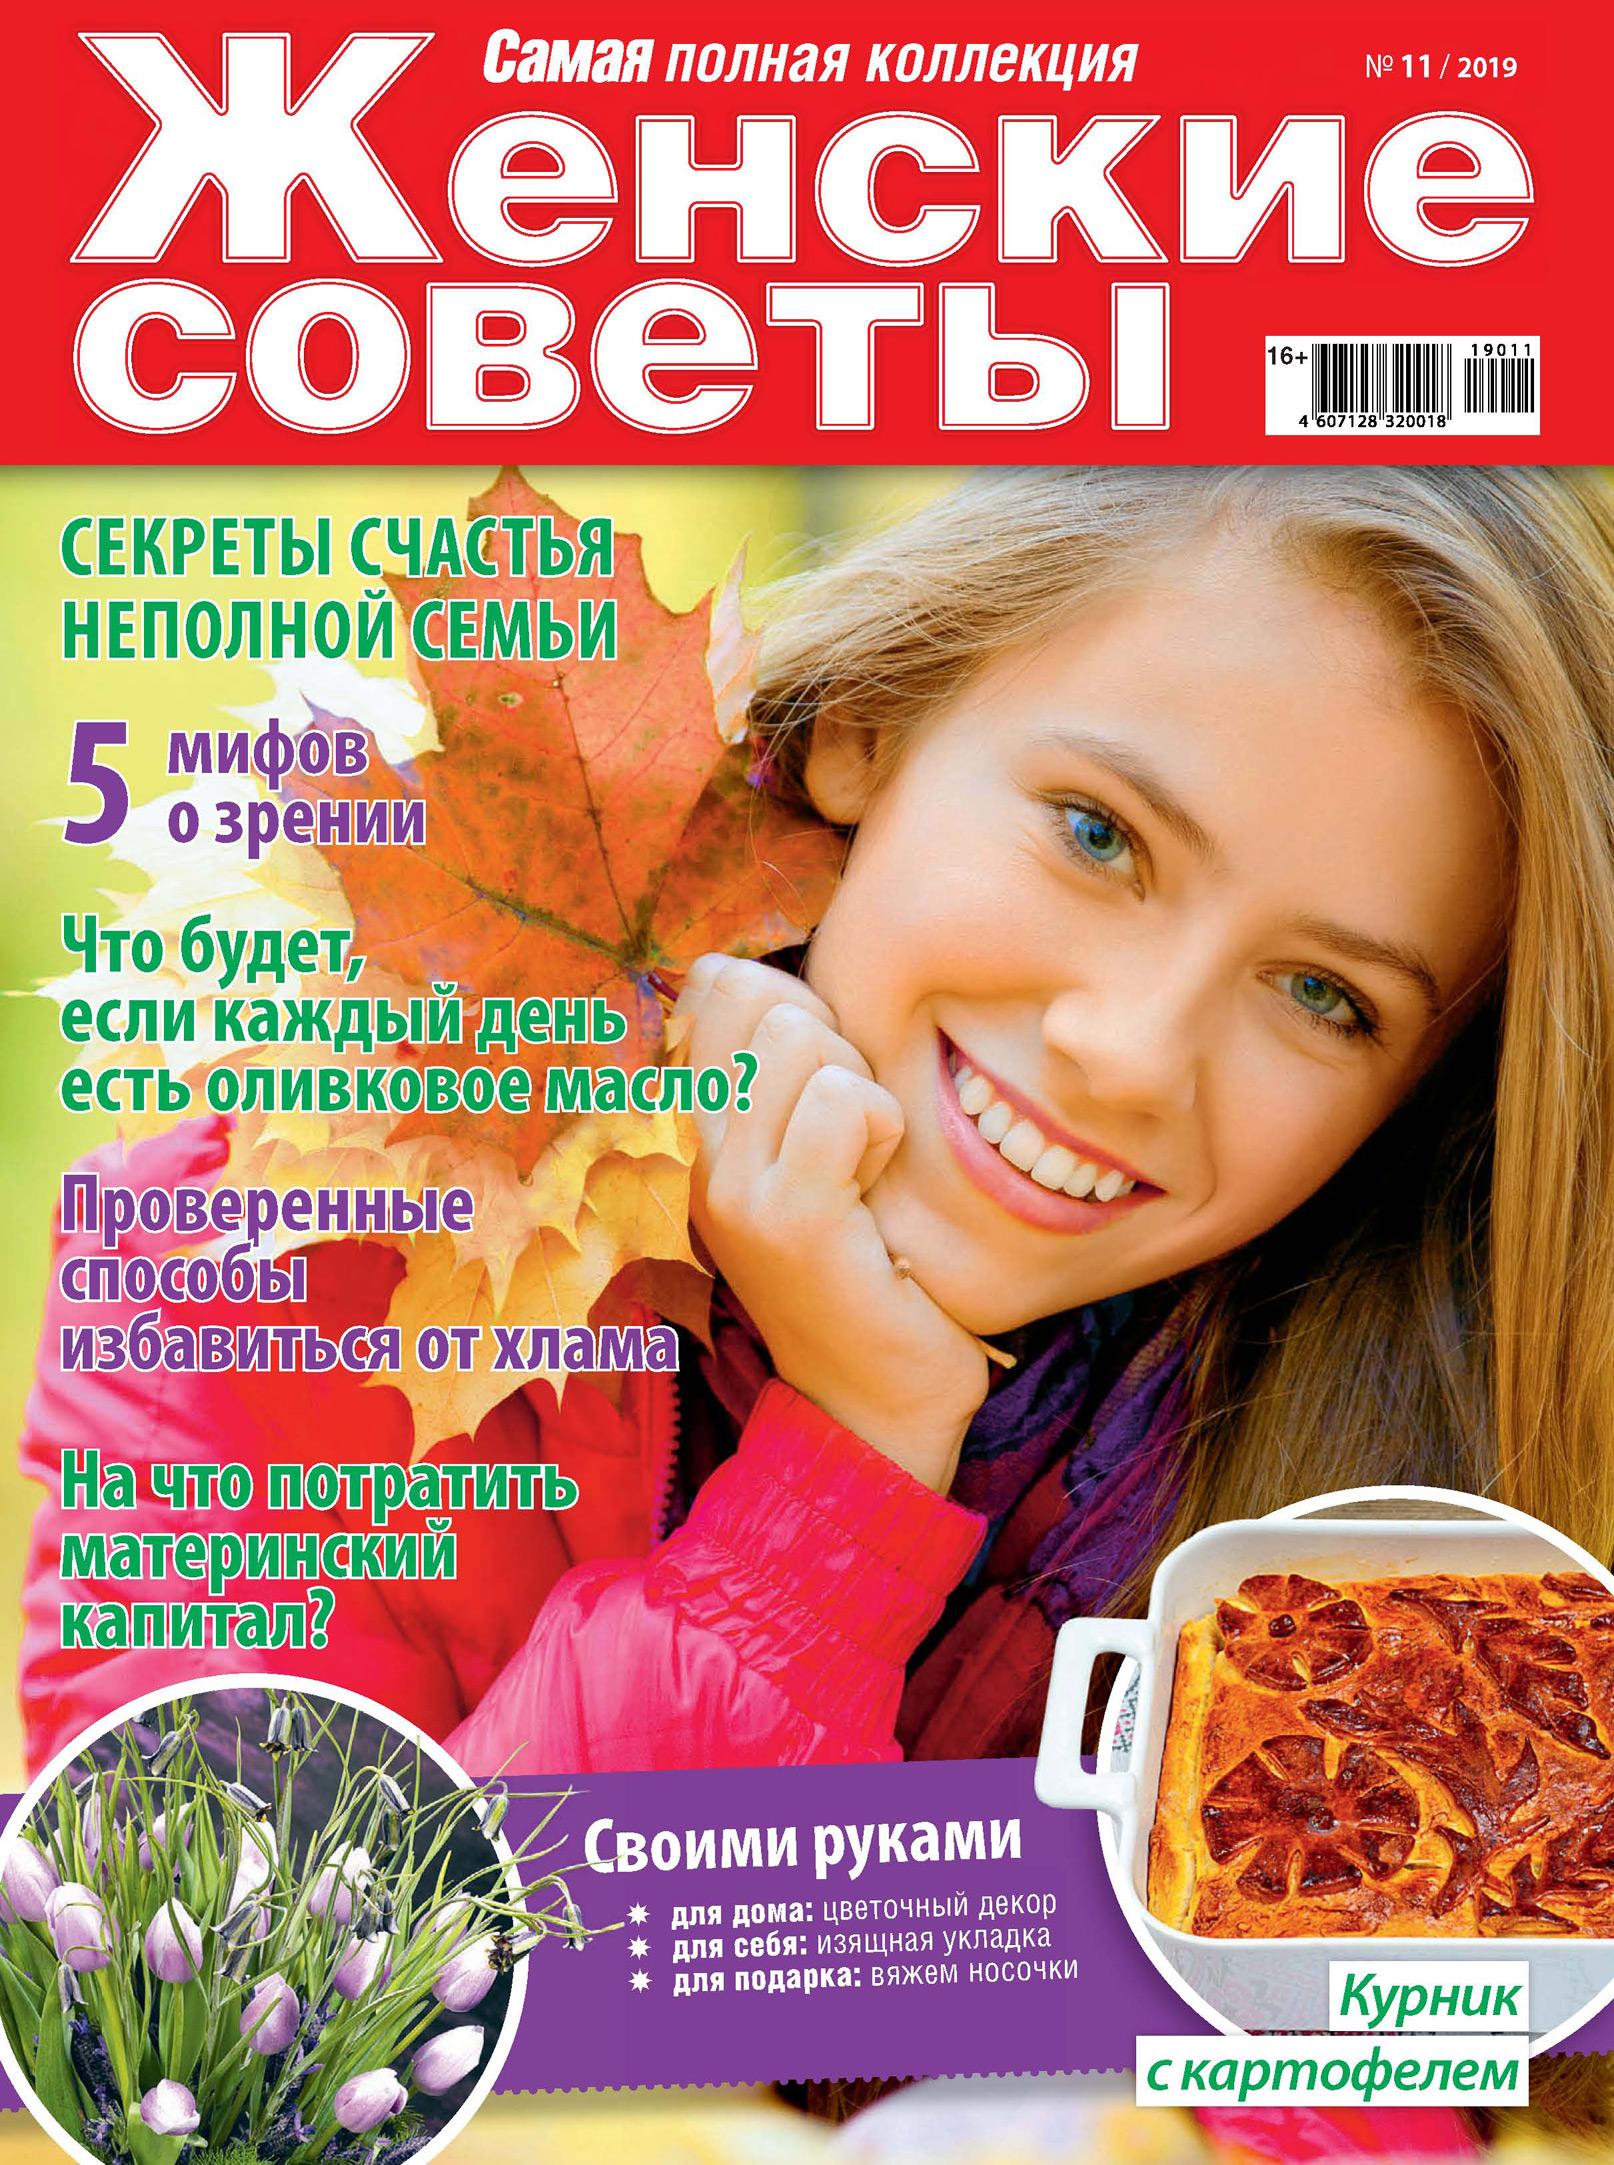 Женские советы. Самая №11/2019